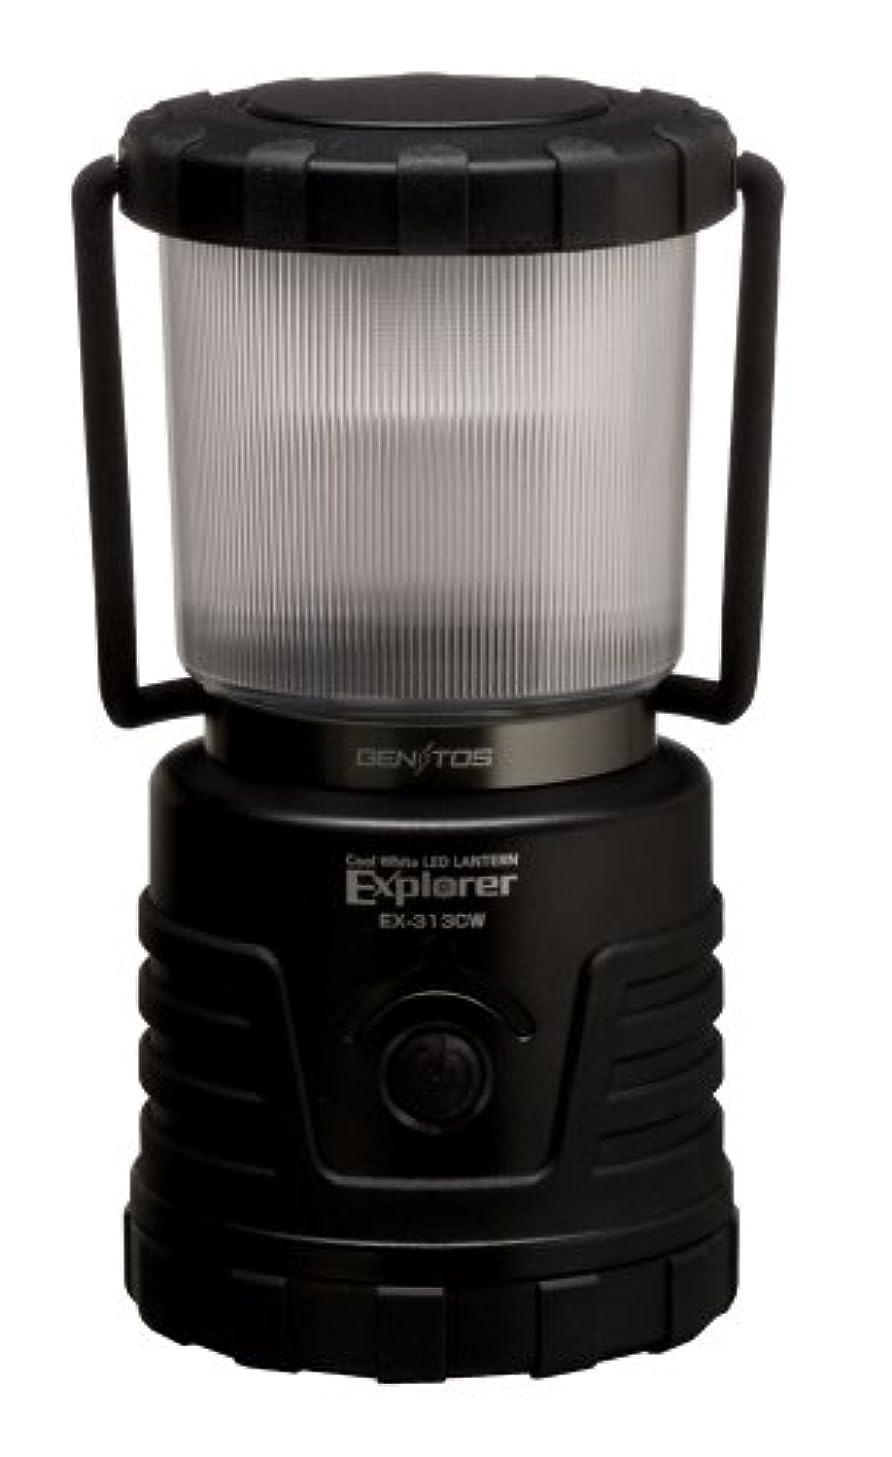 イディオムテキスト南GENTOS(ジェントス) LED ランタン 【明るさ300ルーメン/連続点灯22時間/防滴】 エクスプローラー EX-313CW ANSI規格準拠